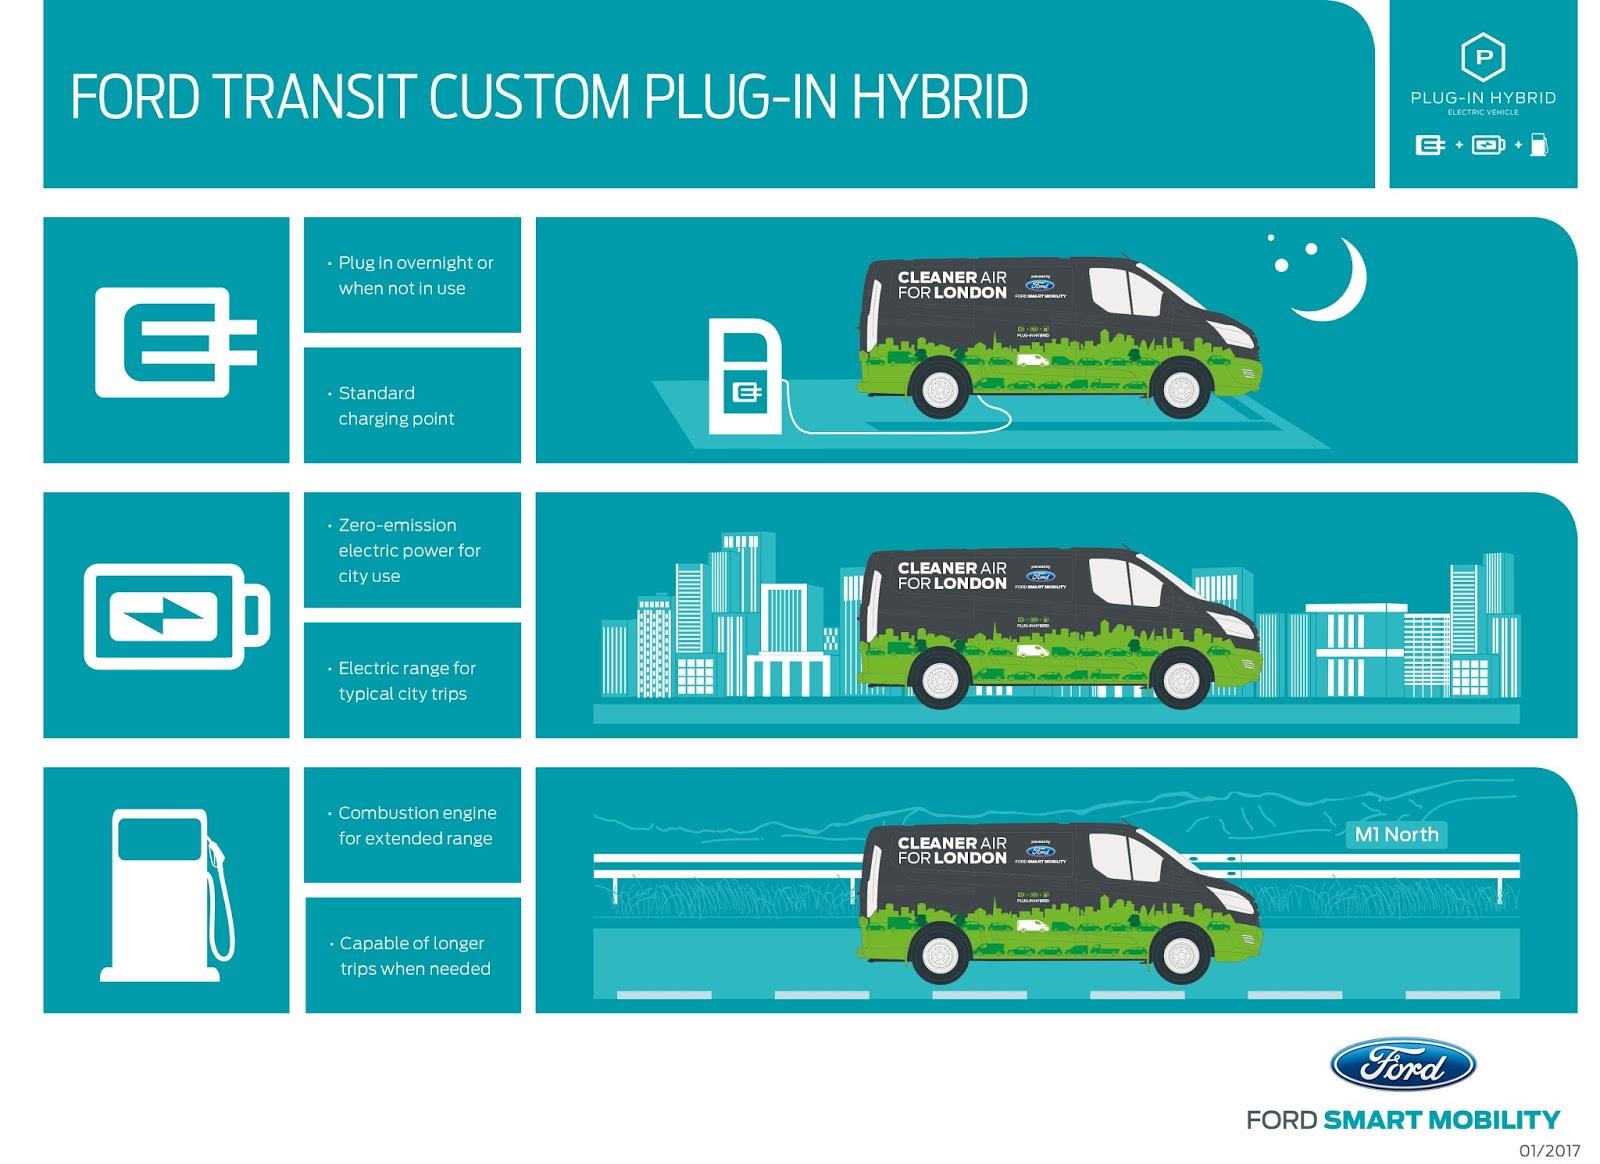 transit phev use case EU 1 Η Ford και το Λονδίνο ενώνουν τις δυνάμεις τους, για τη βελτίωση της ποιότητας του ατμοσφαιρικού αέρα! Electric cars, Ford, Ford Transit, Ford Transit Custom, Περιβάλλον